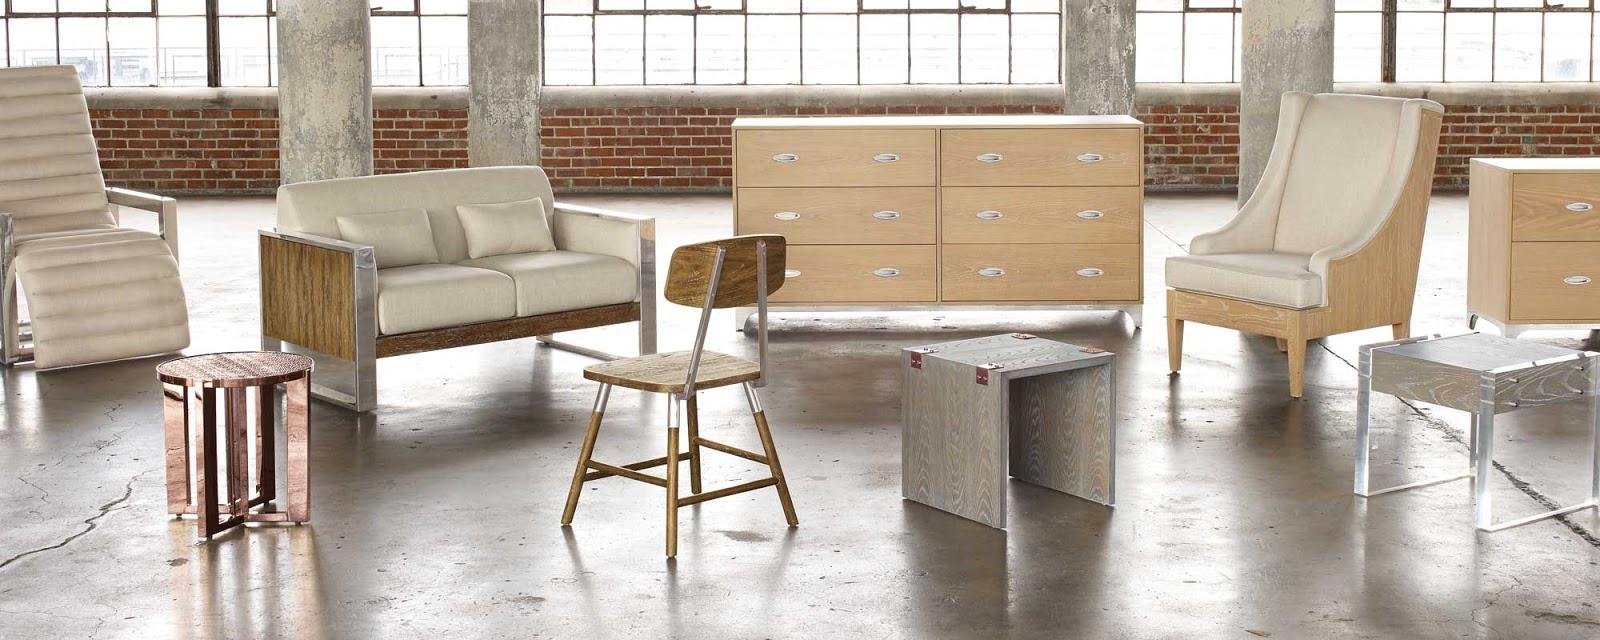 Luxury Hospitality Furniture